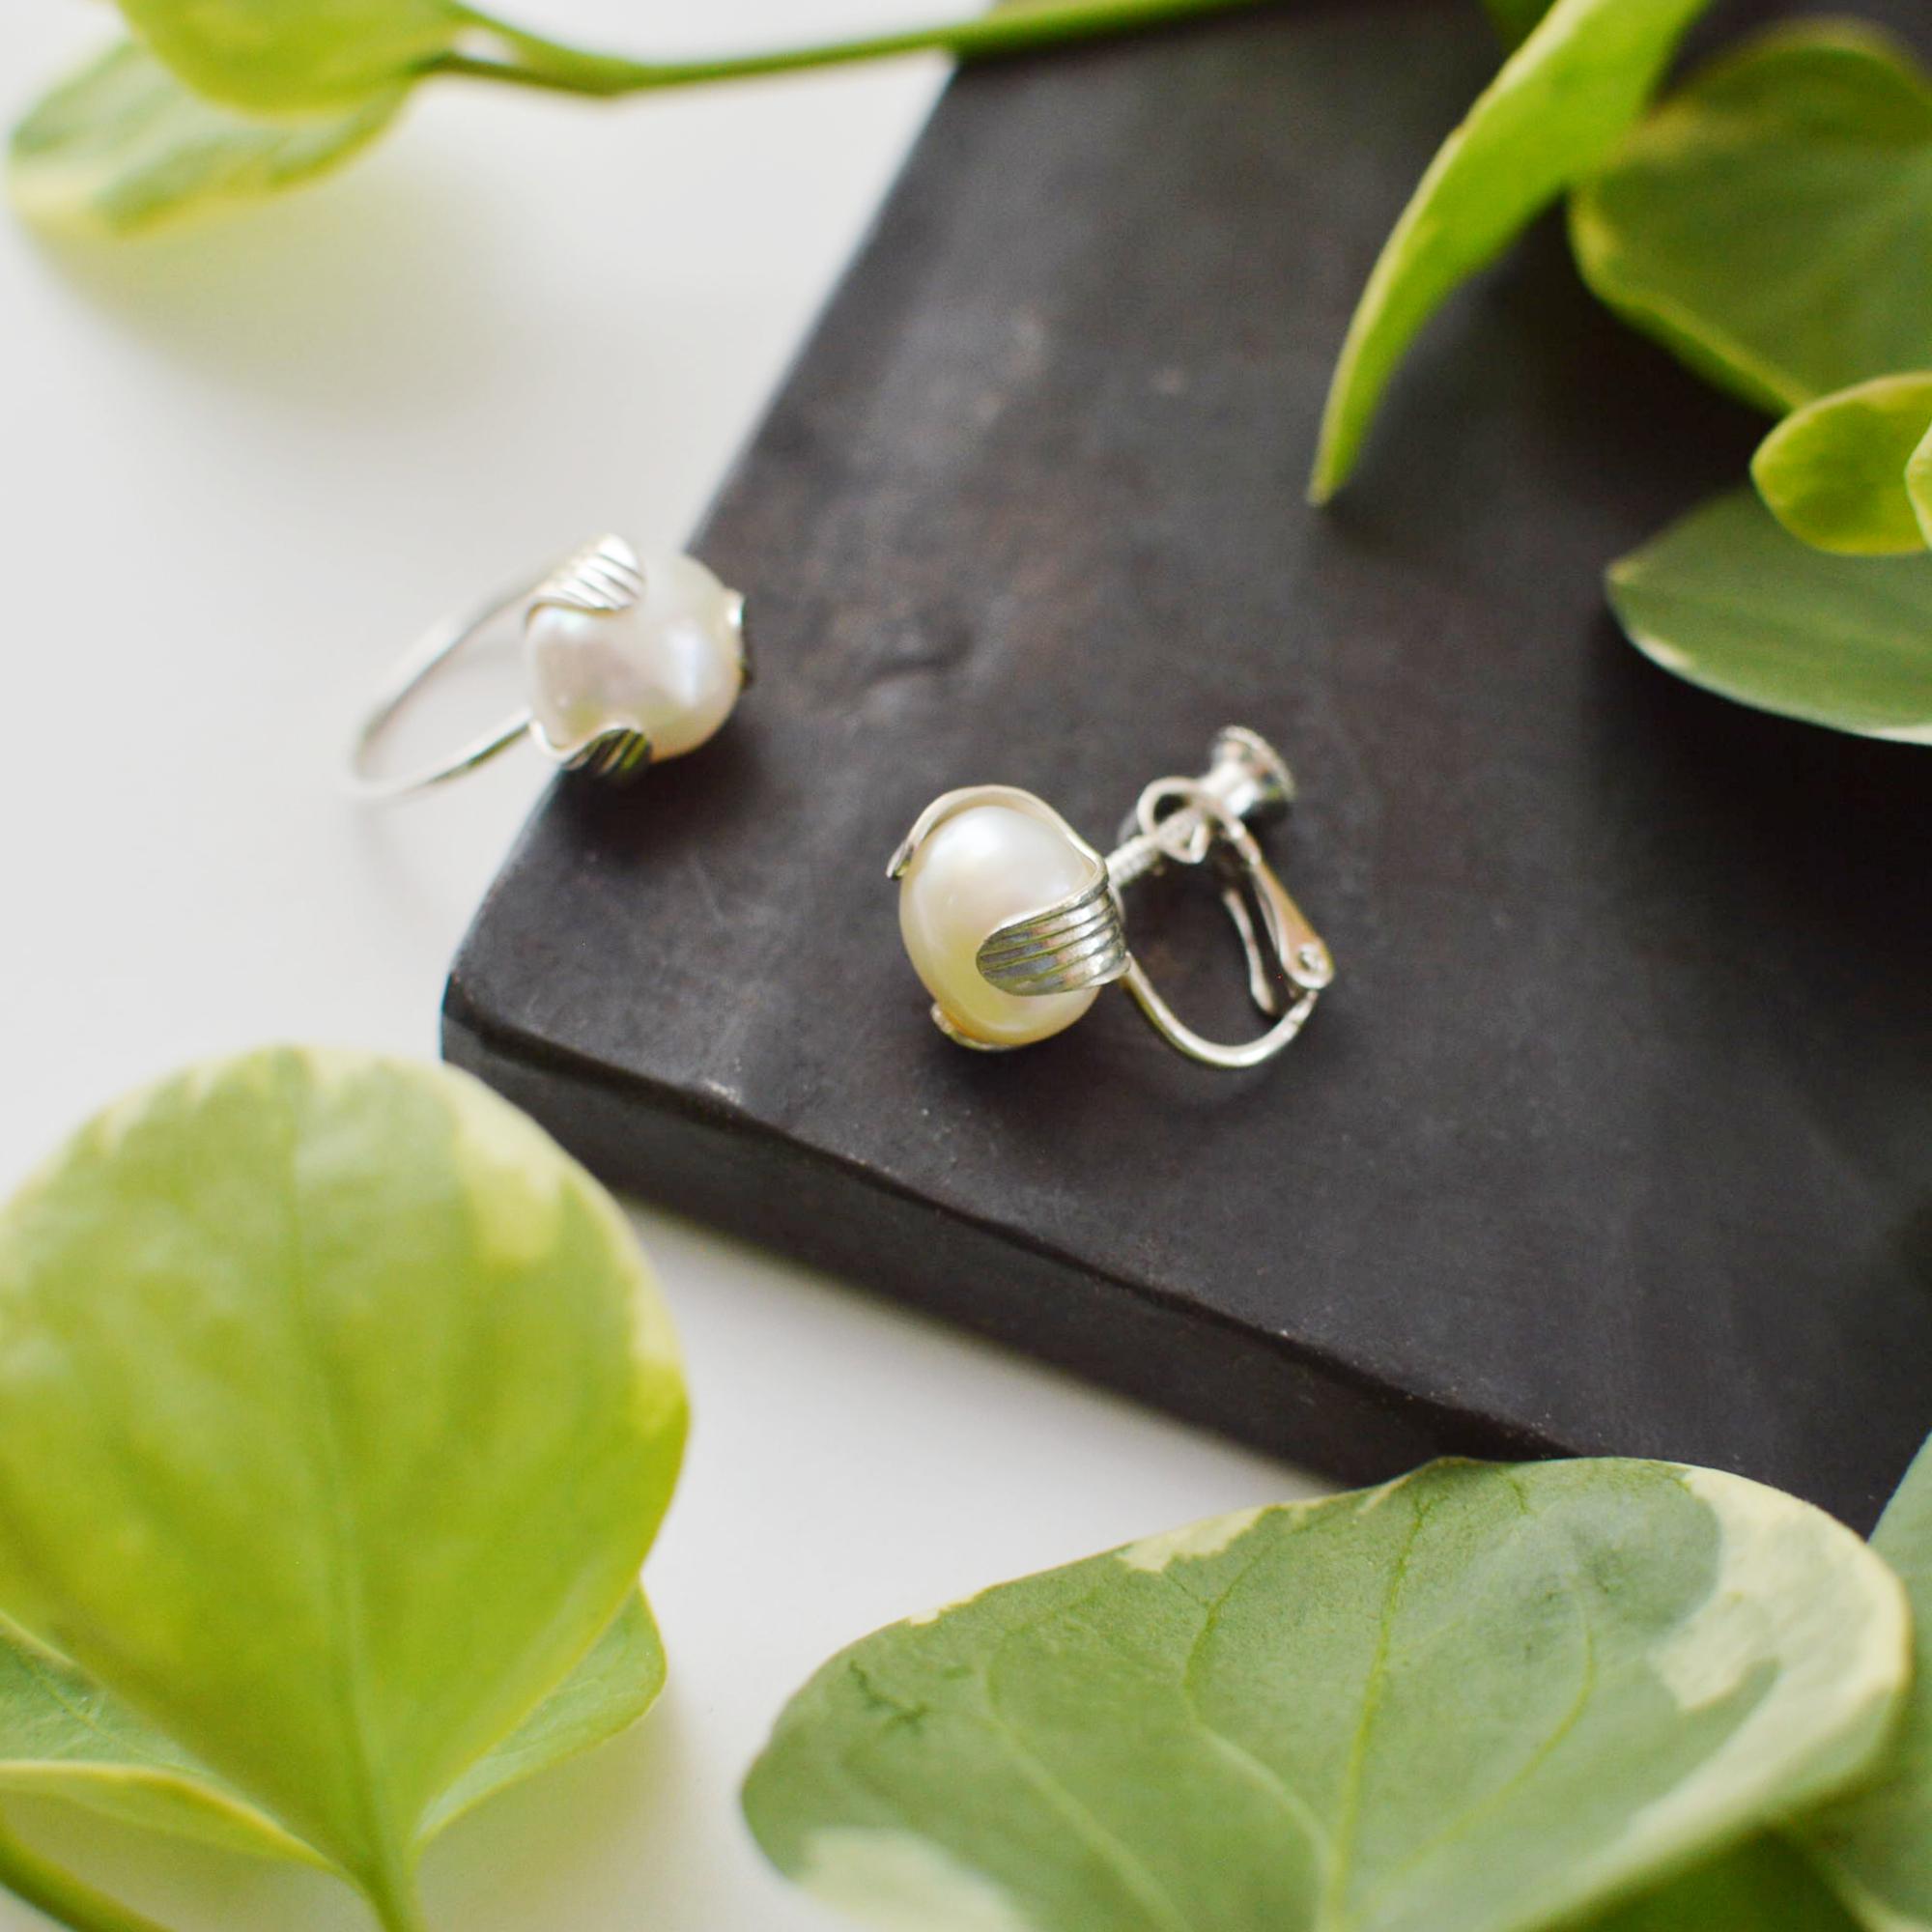 つぼみのイヤリング:片耳